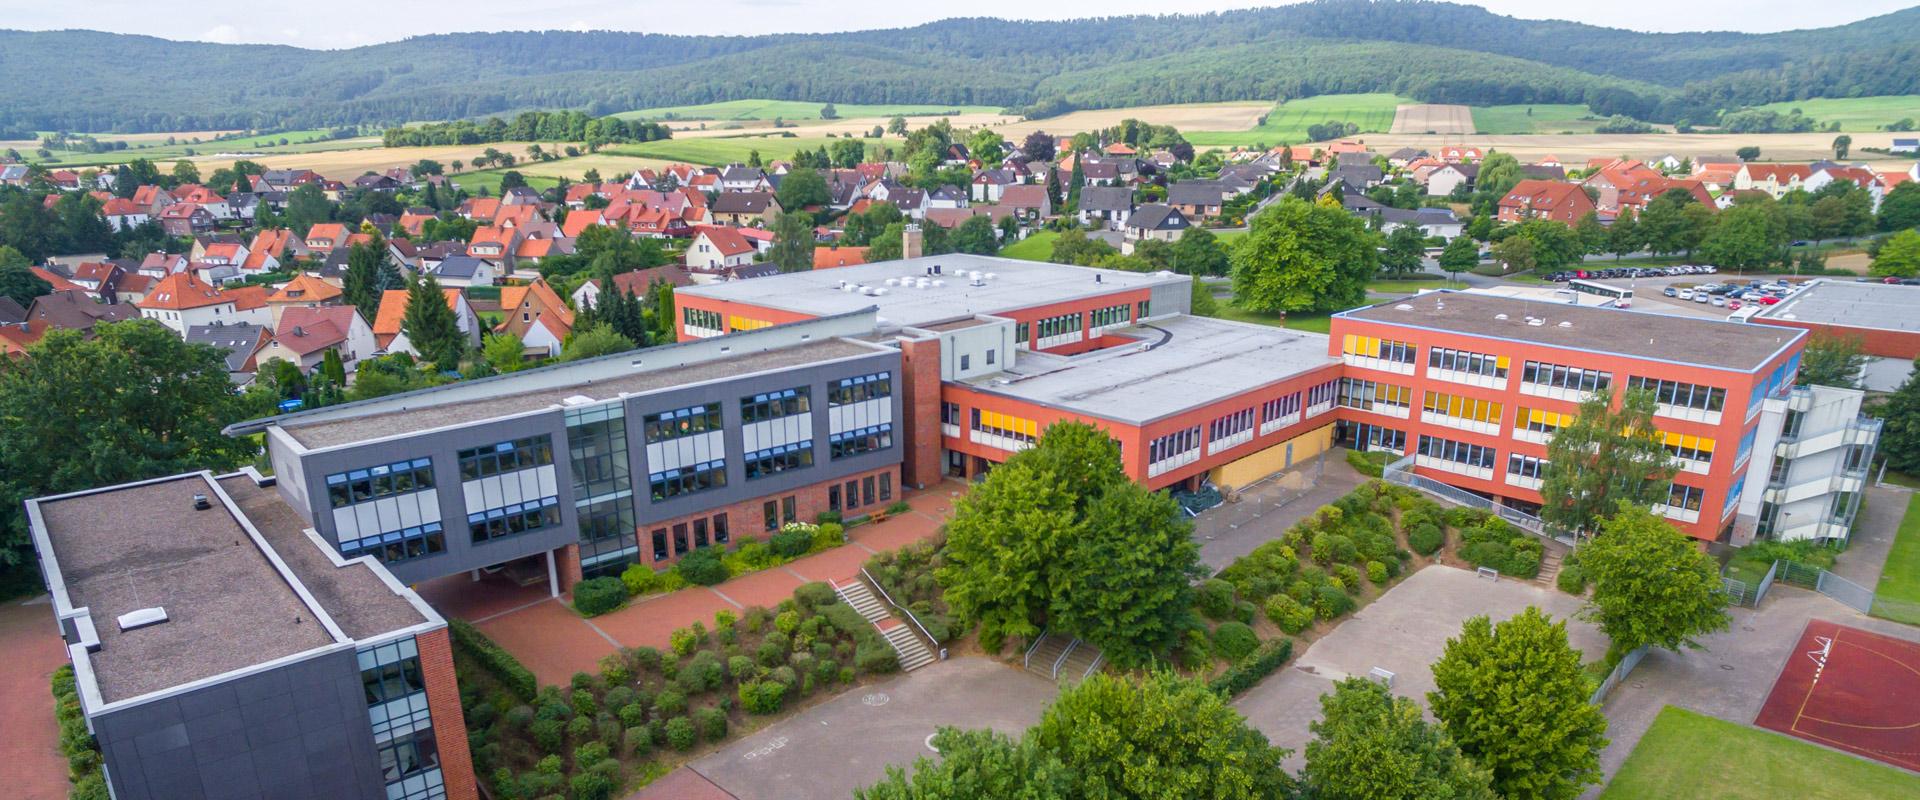 Die Schule mit Ausblick